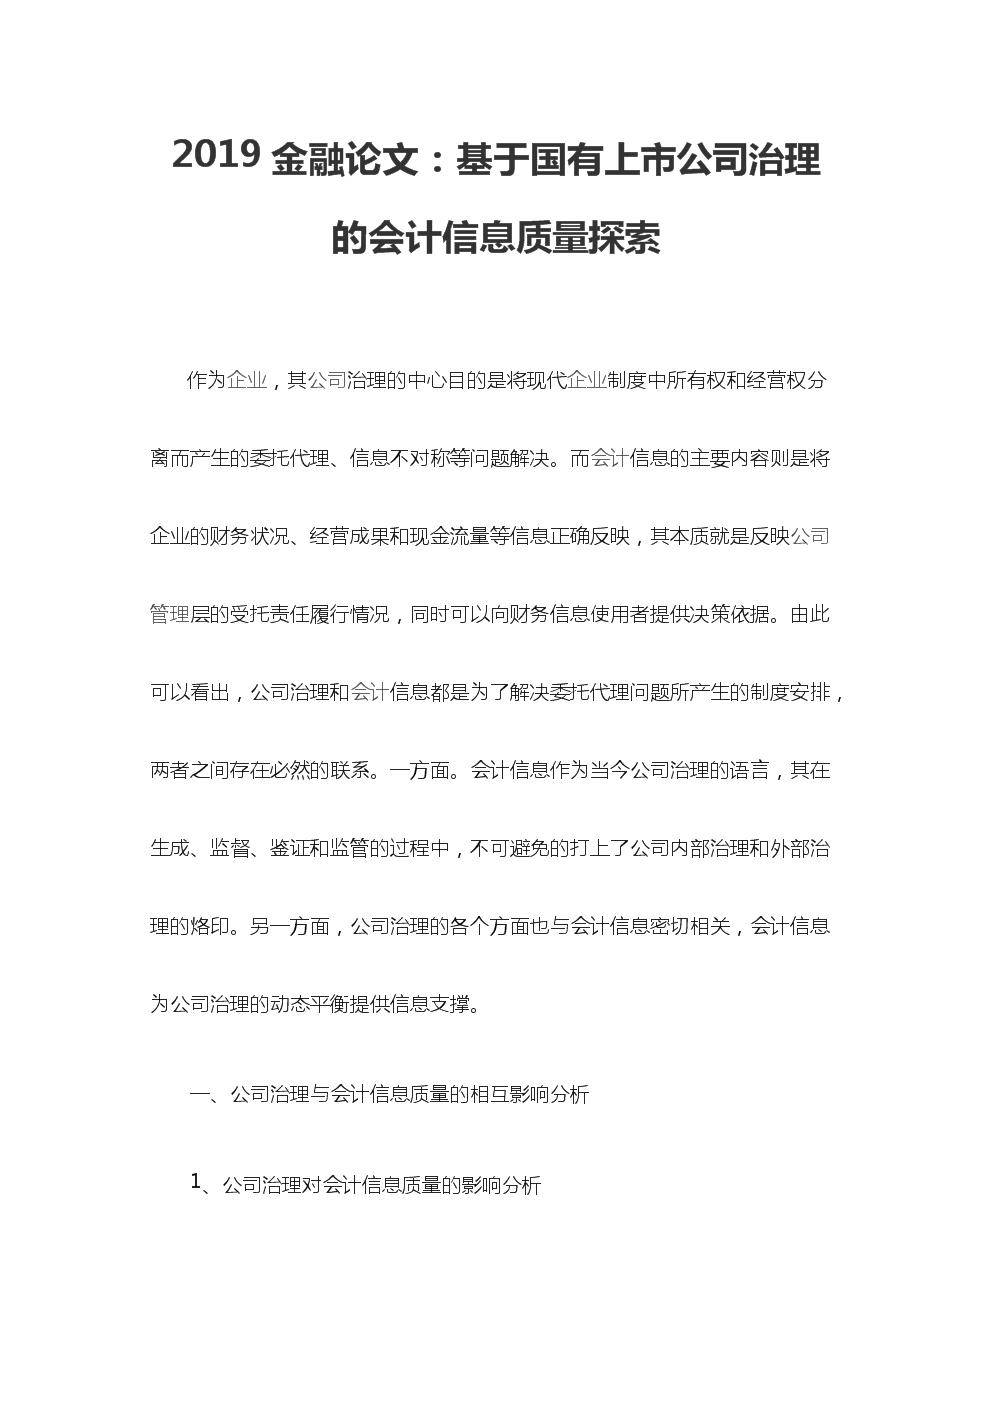 2019金融論文:基于國有上市公司治理的會計信息質量探索.docx